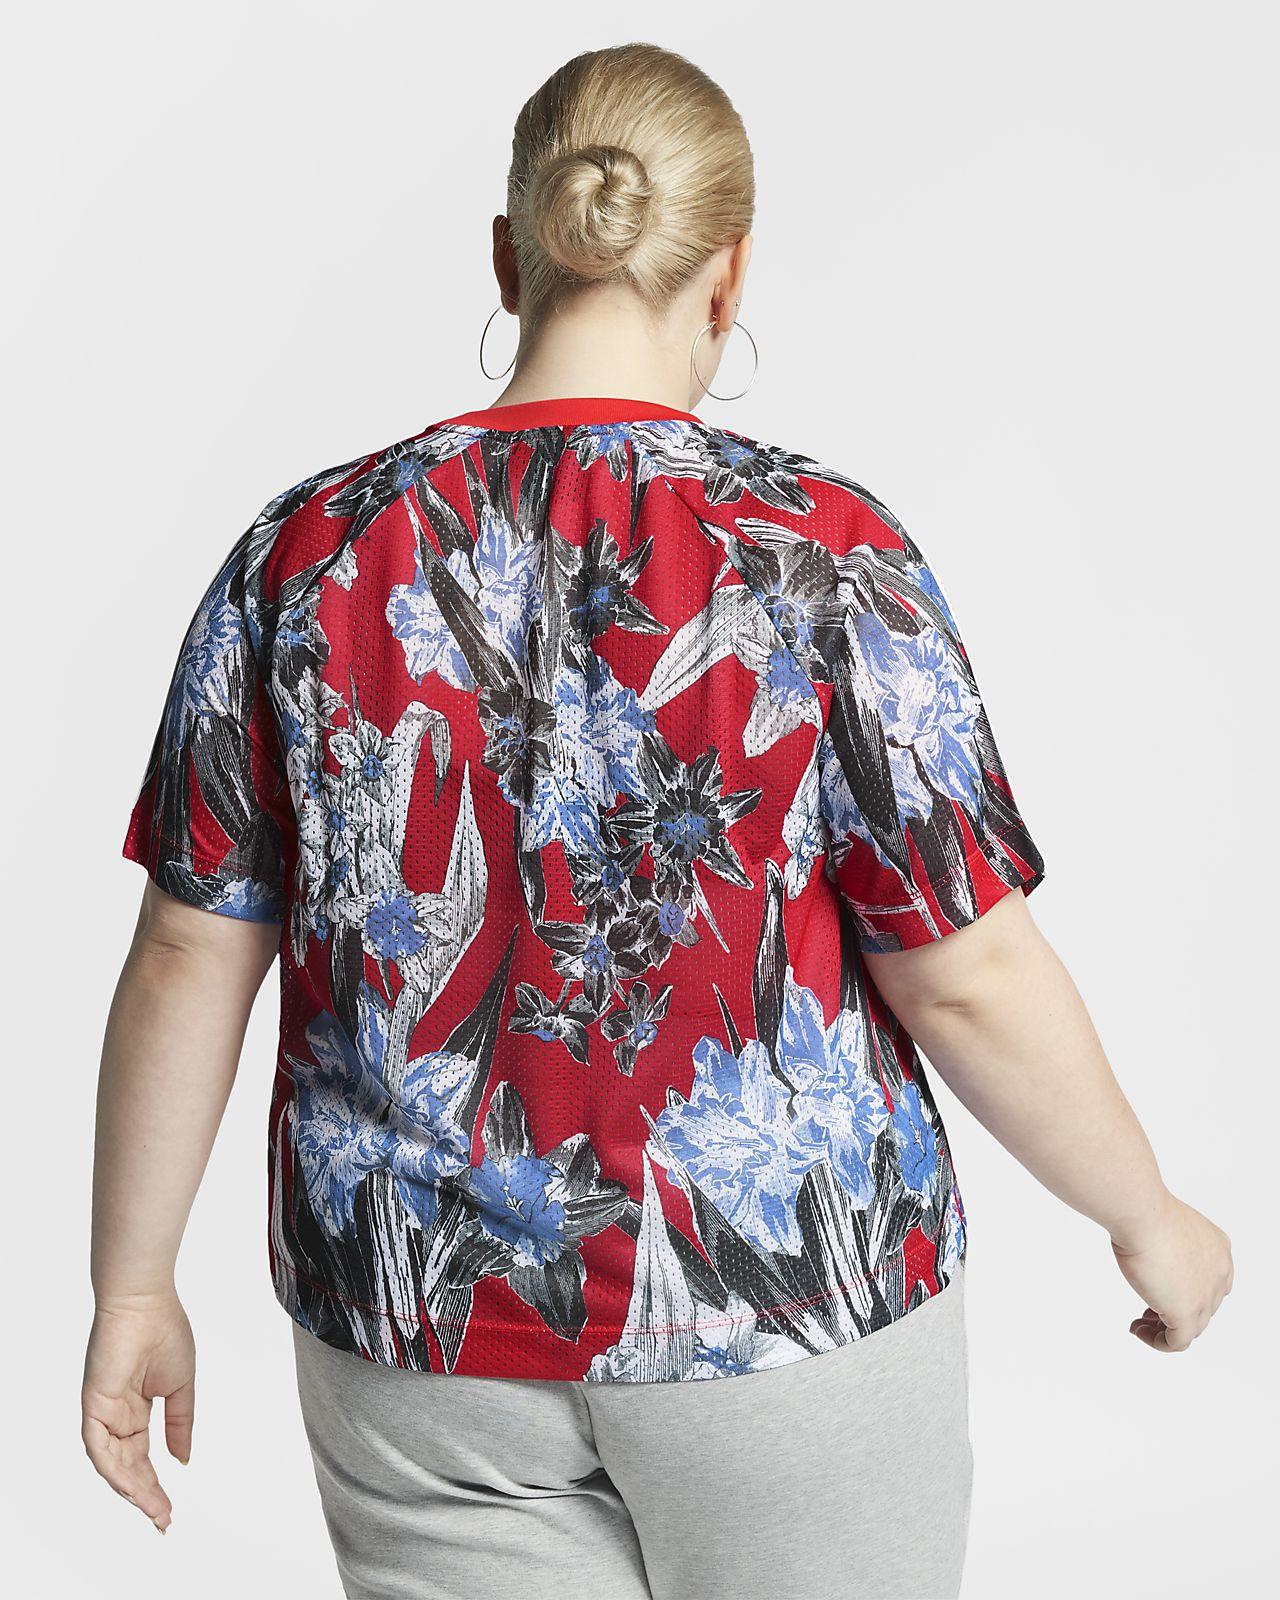 de87477ff6f Nike Sportswear Women's Short-Sleeve Floral Top (Plus Size). Nike.com